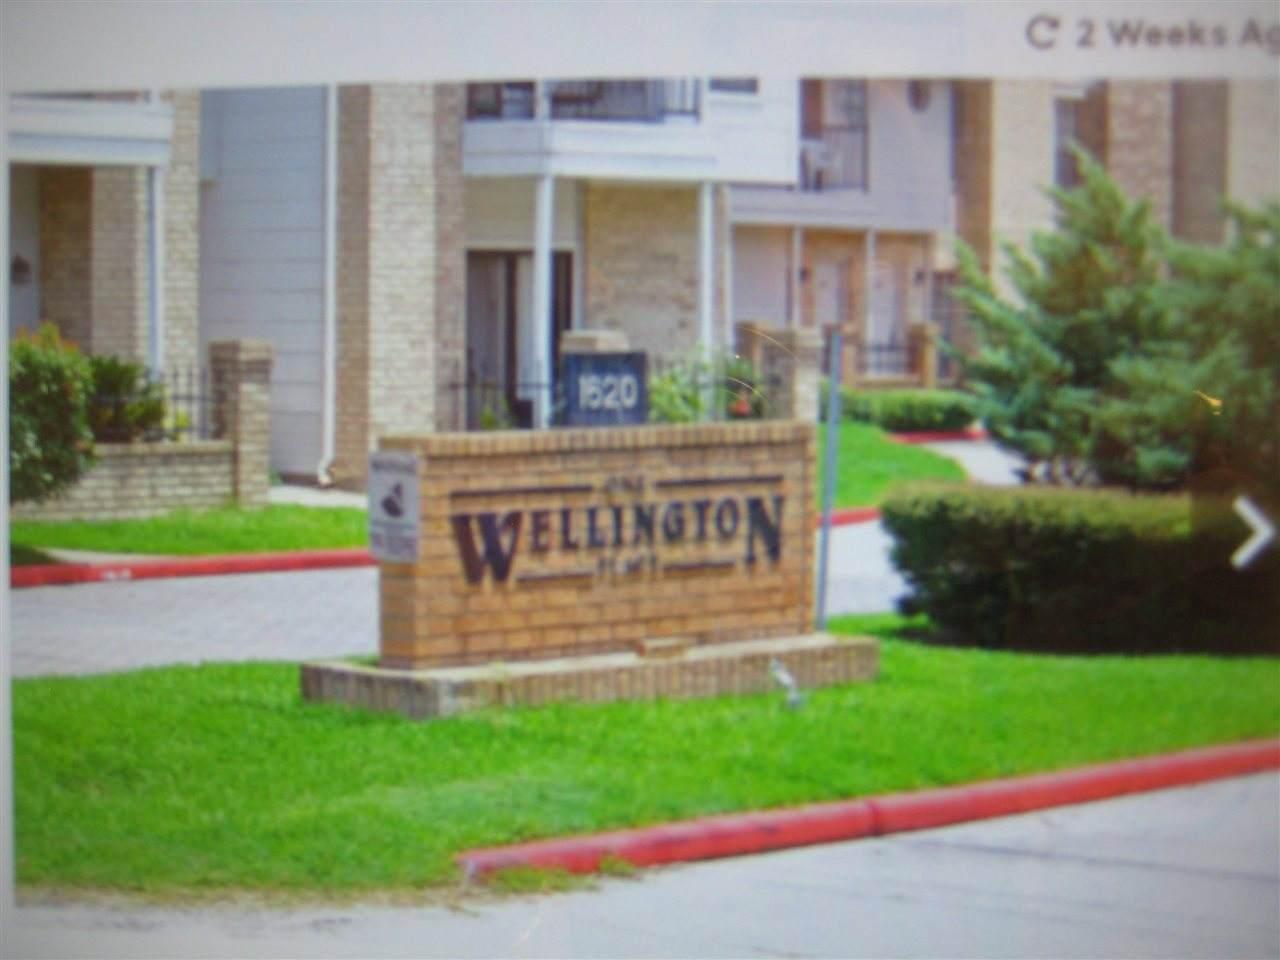 1620 Wellington Place #1001 - Photo 1